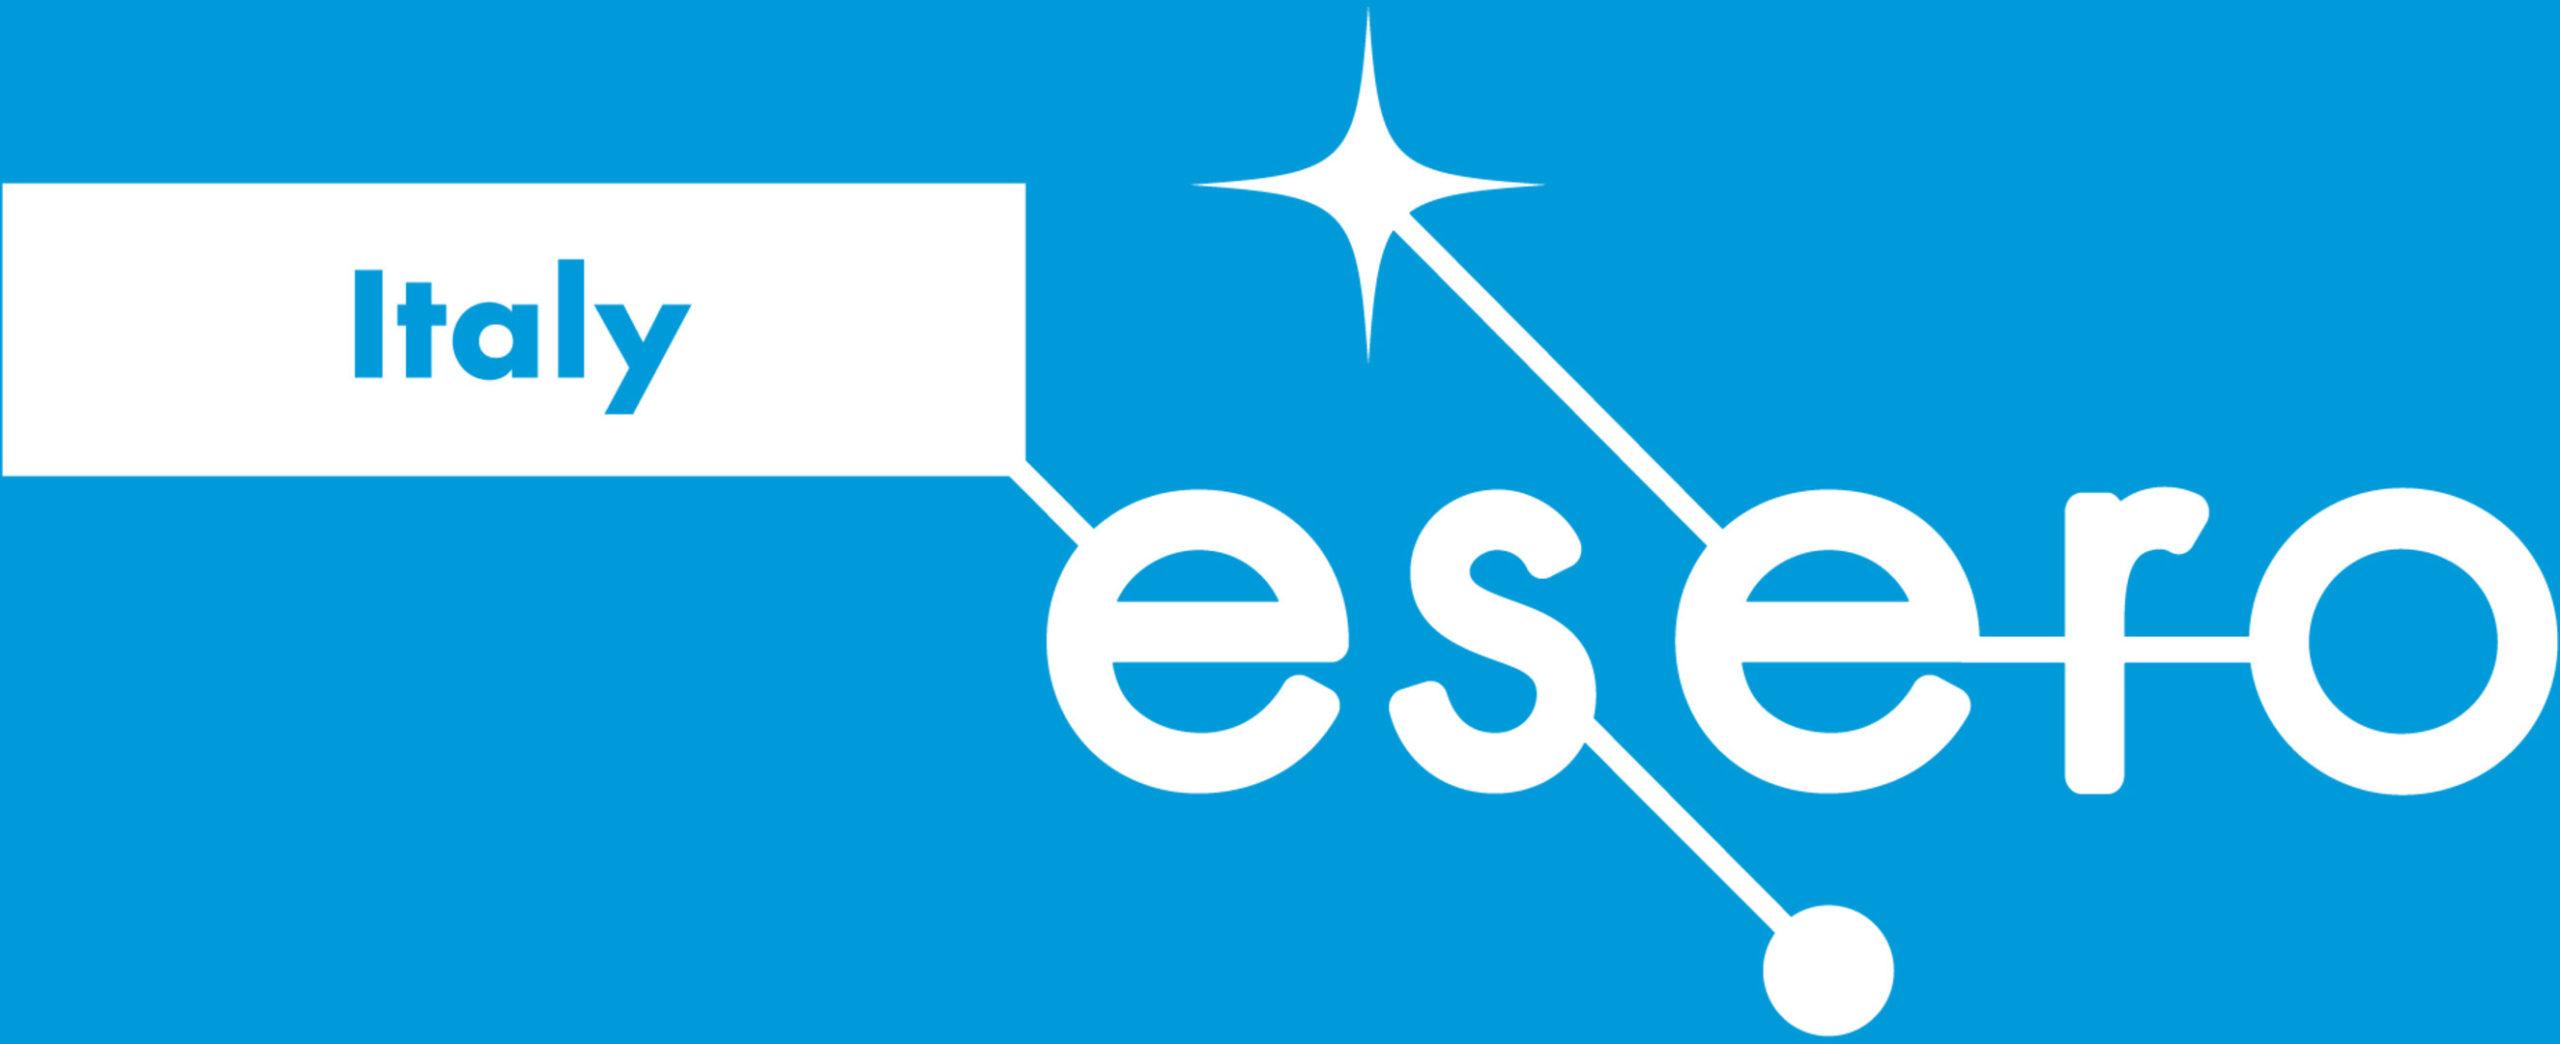 ESERO-Italy